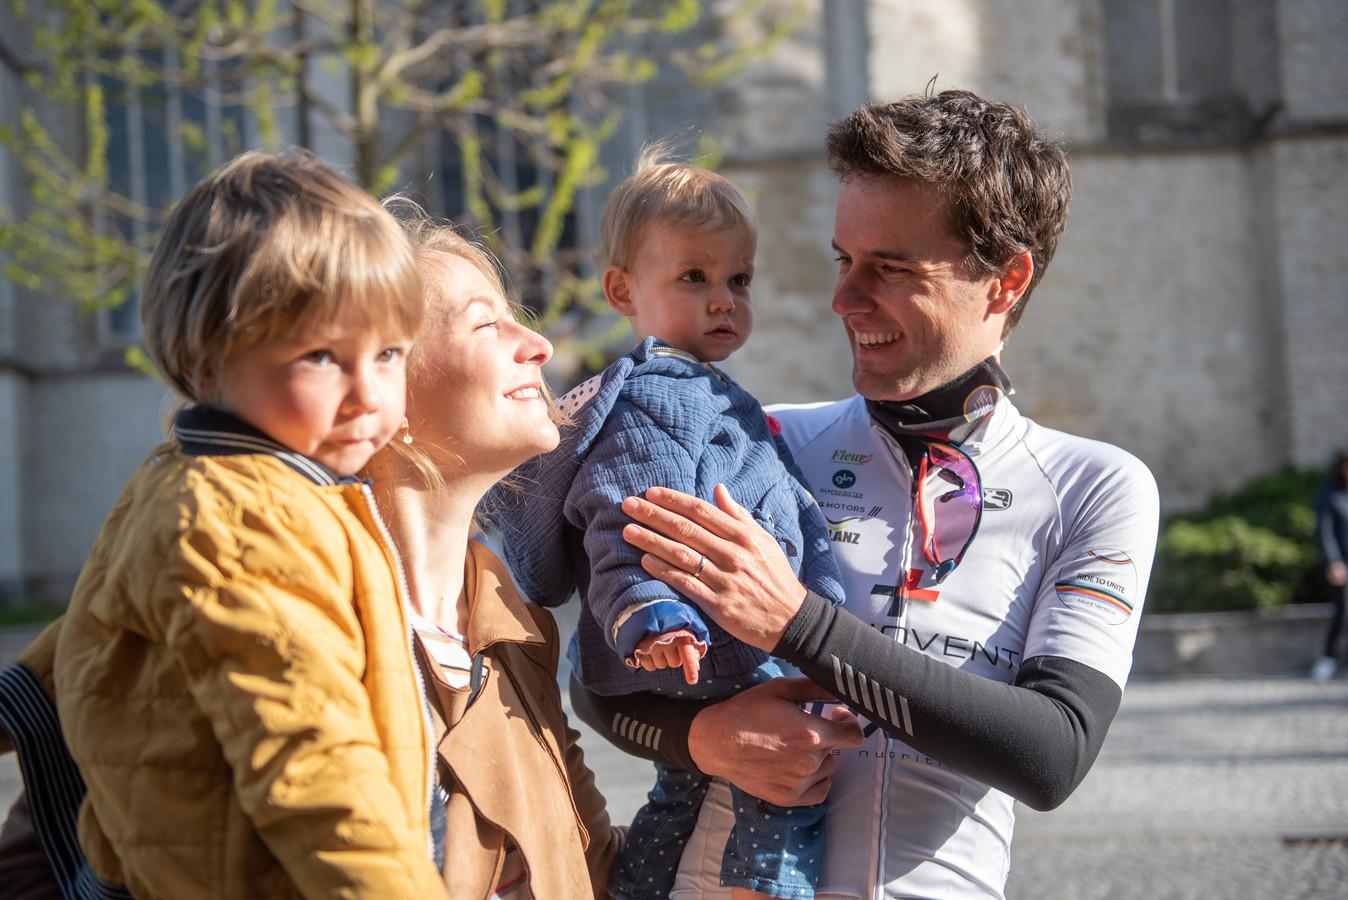 Minne kwam haar papa nog even succes wensen bij de start. Ook echtgenote Charlotte en zoontje Felix kwamen de vrienden uitwuiven.